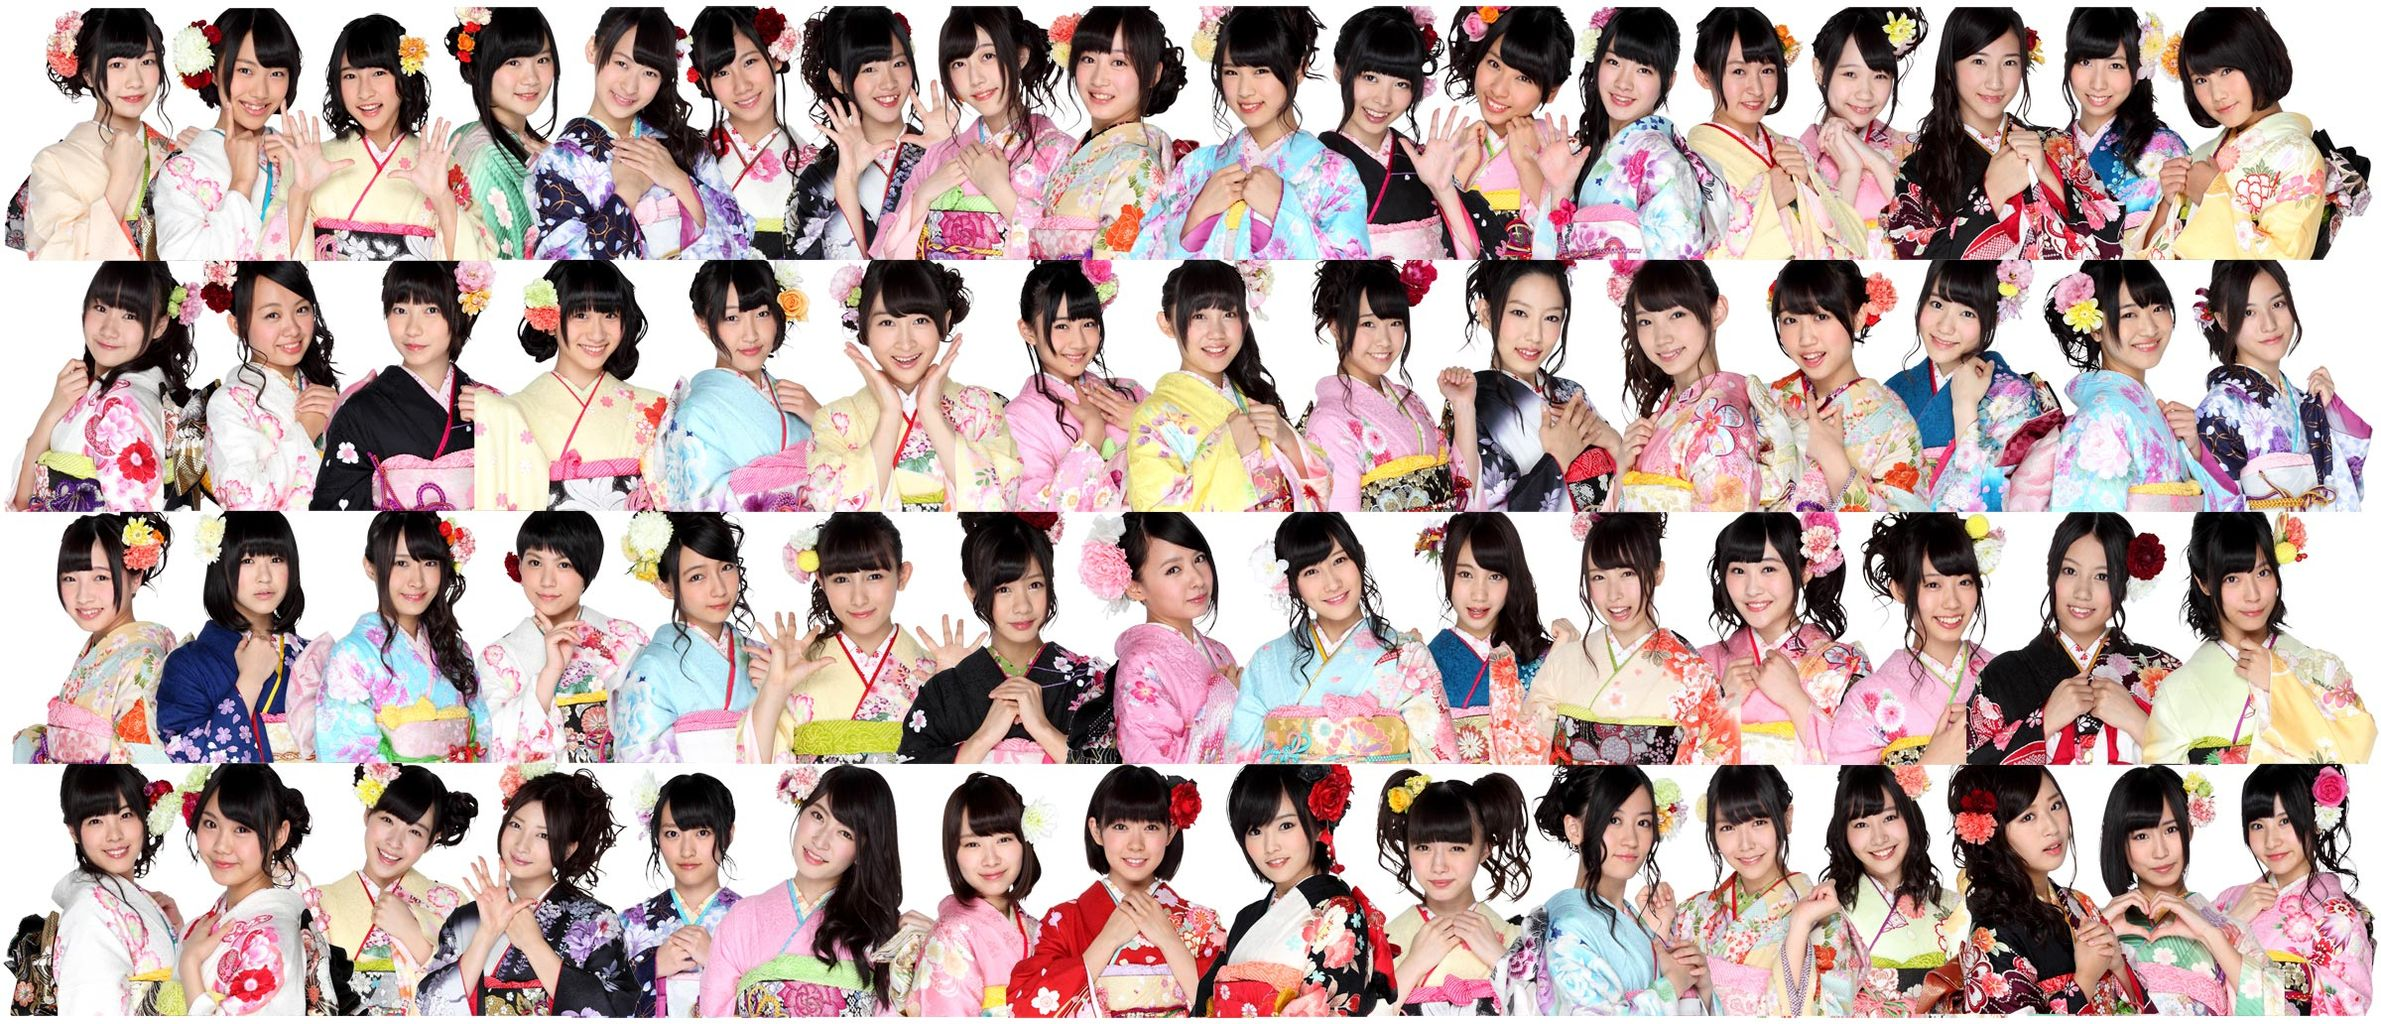 【NMB48メンバー】総選挙結果から見る人気ランキングTOP3を紹介!のサムネイル画像